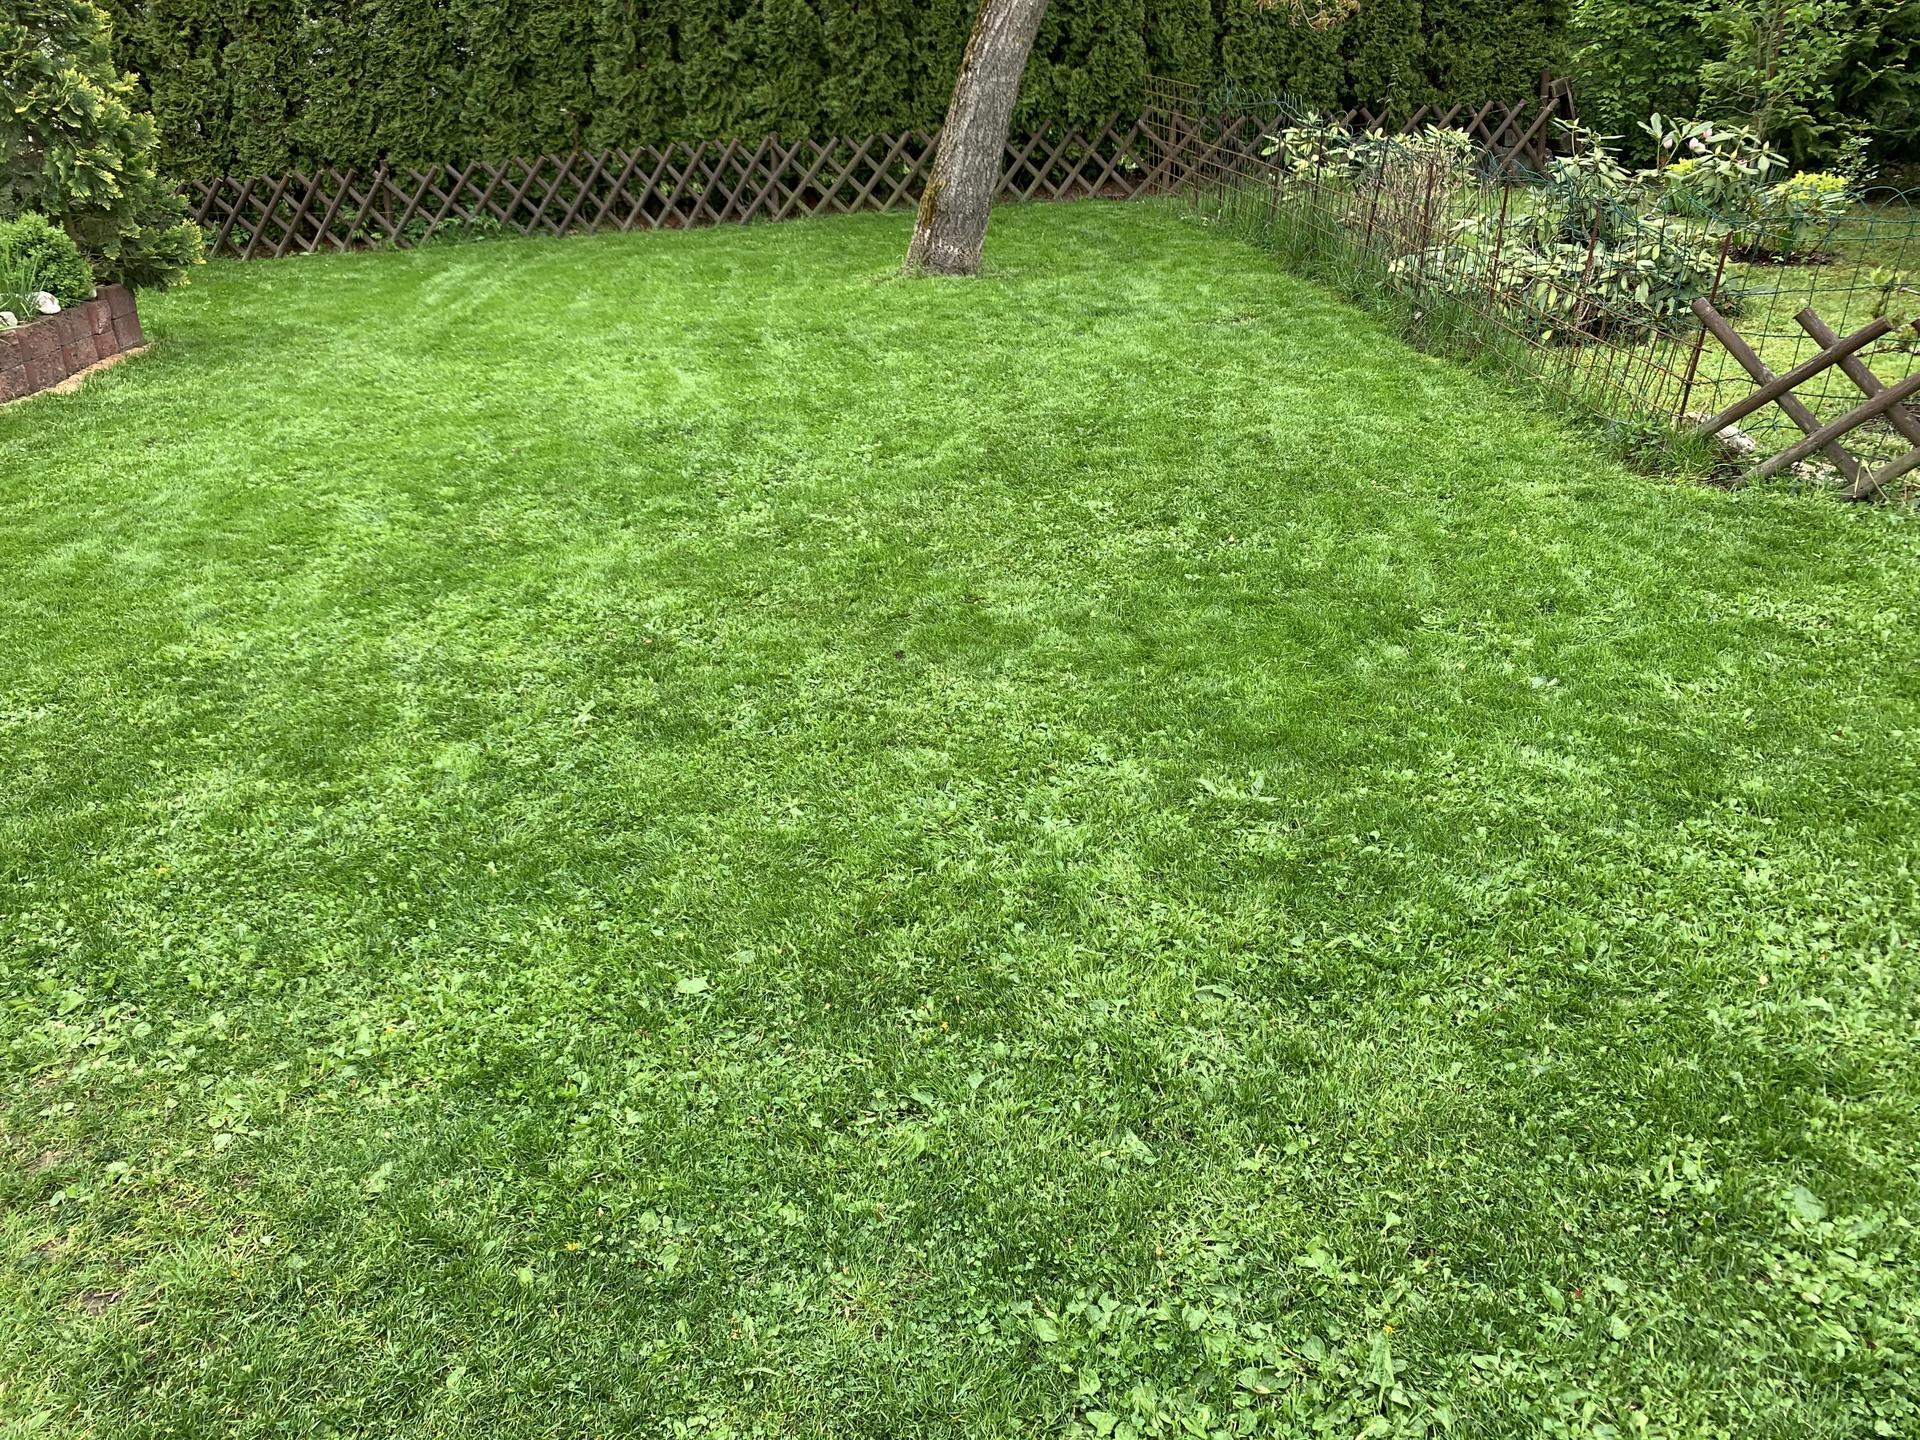 Chápu,že pro většinu lidí  je to běžný,ale pro nás skoro zázrak...my máme za celé ty roky místy na zahradě první zelenou hmotu na zemi,co nazývám vznešeně trávou😉 😍konecně místa,kam se dá sednout,položit deka,chodit po tom,si příjdu jak v ráji😆..věnovala jsem tomu přesně měsíc času,ale stálo to ta to a příští rok si to určitě zopáknu... - 21.5.